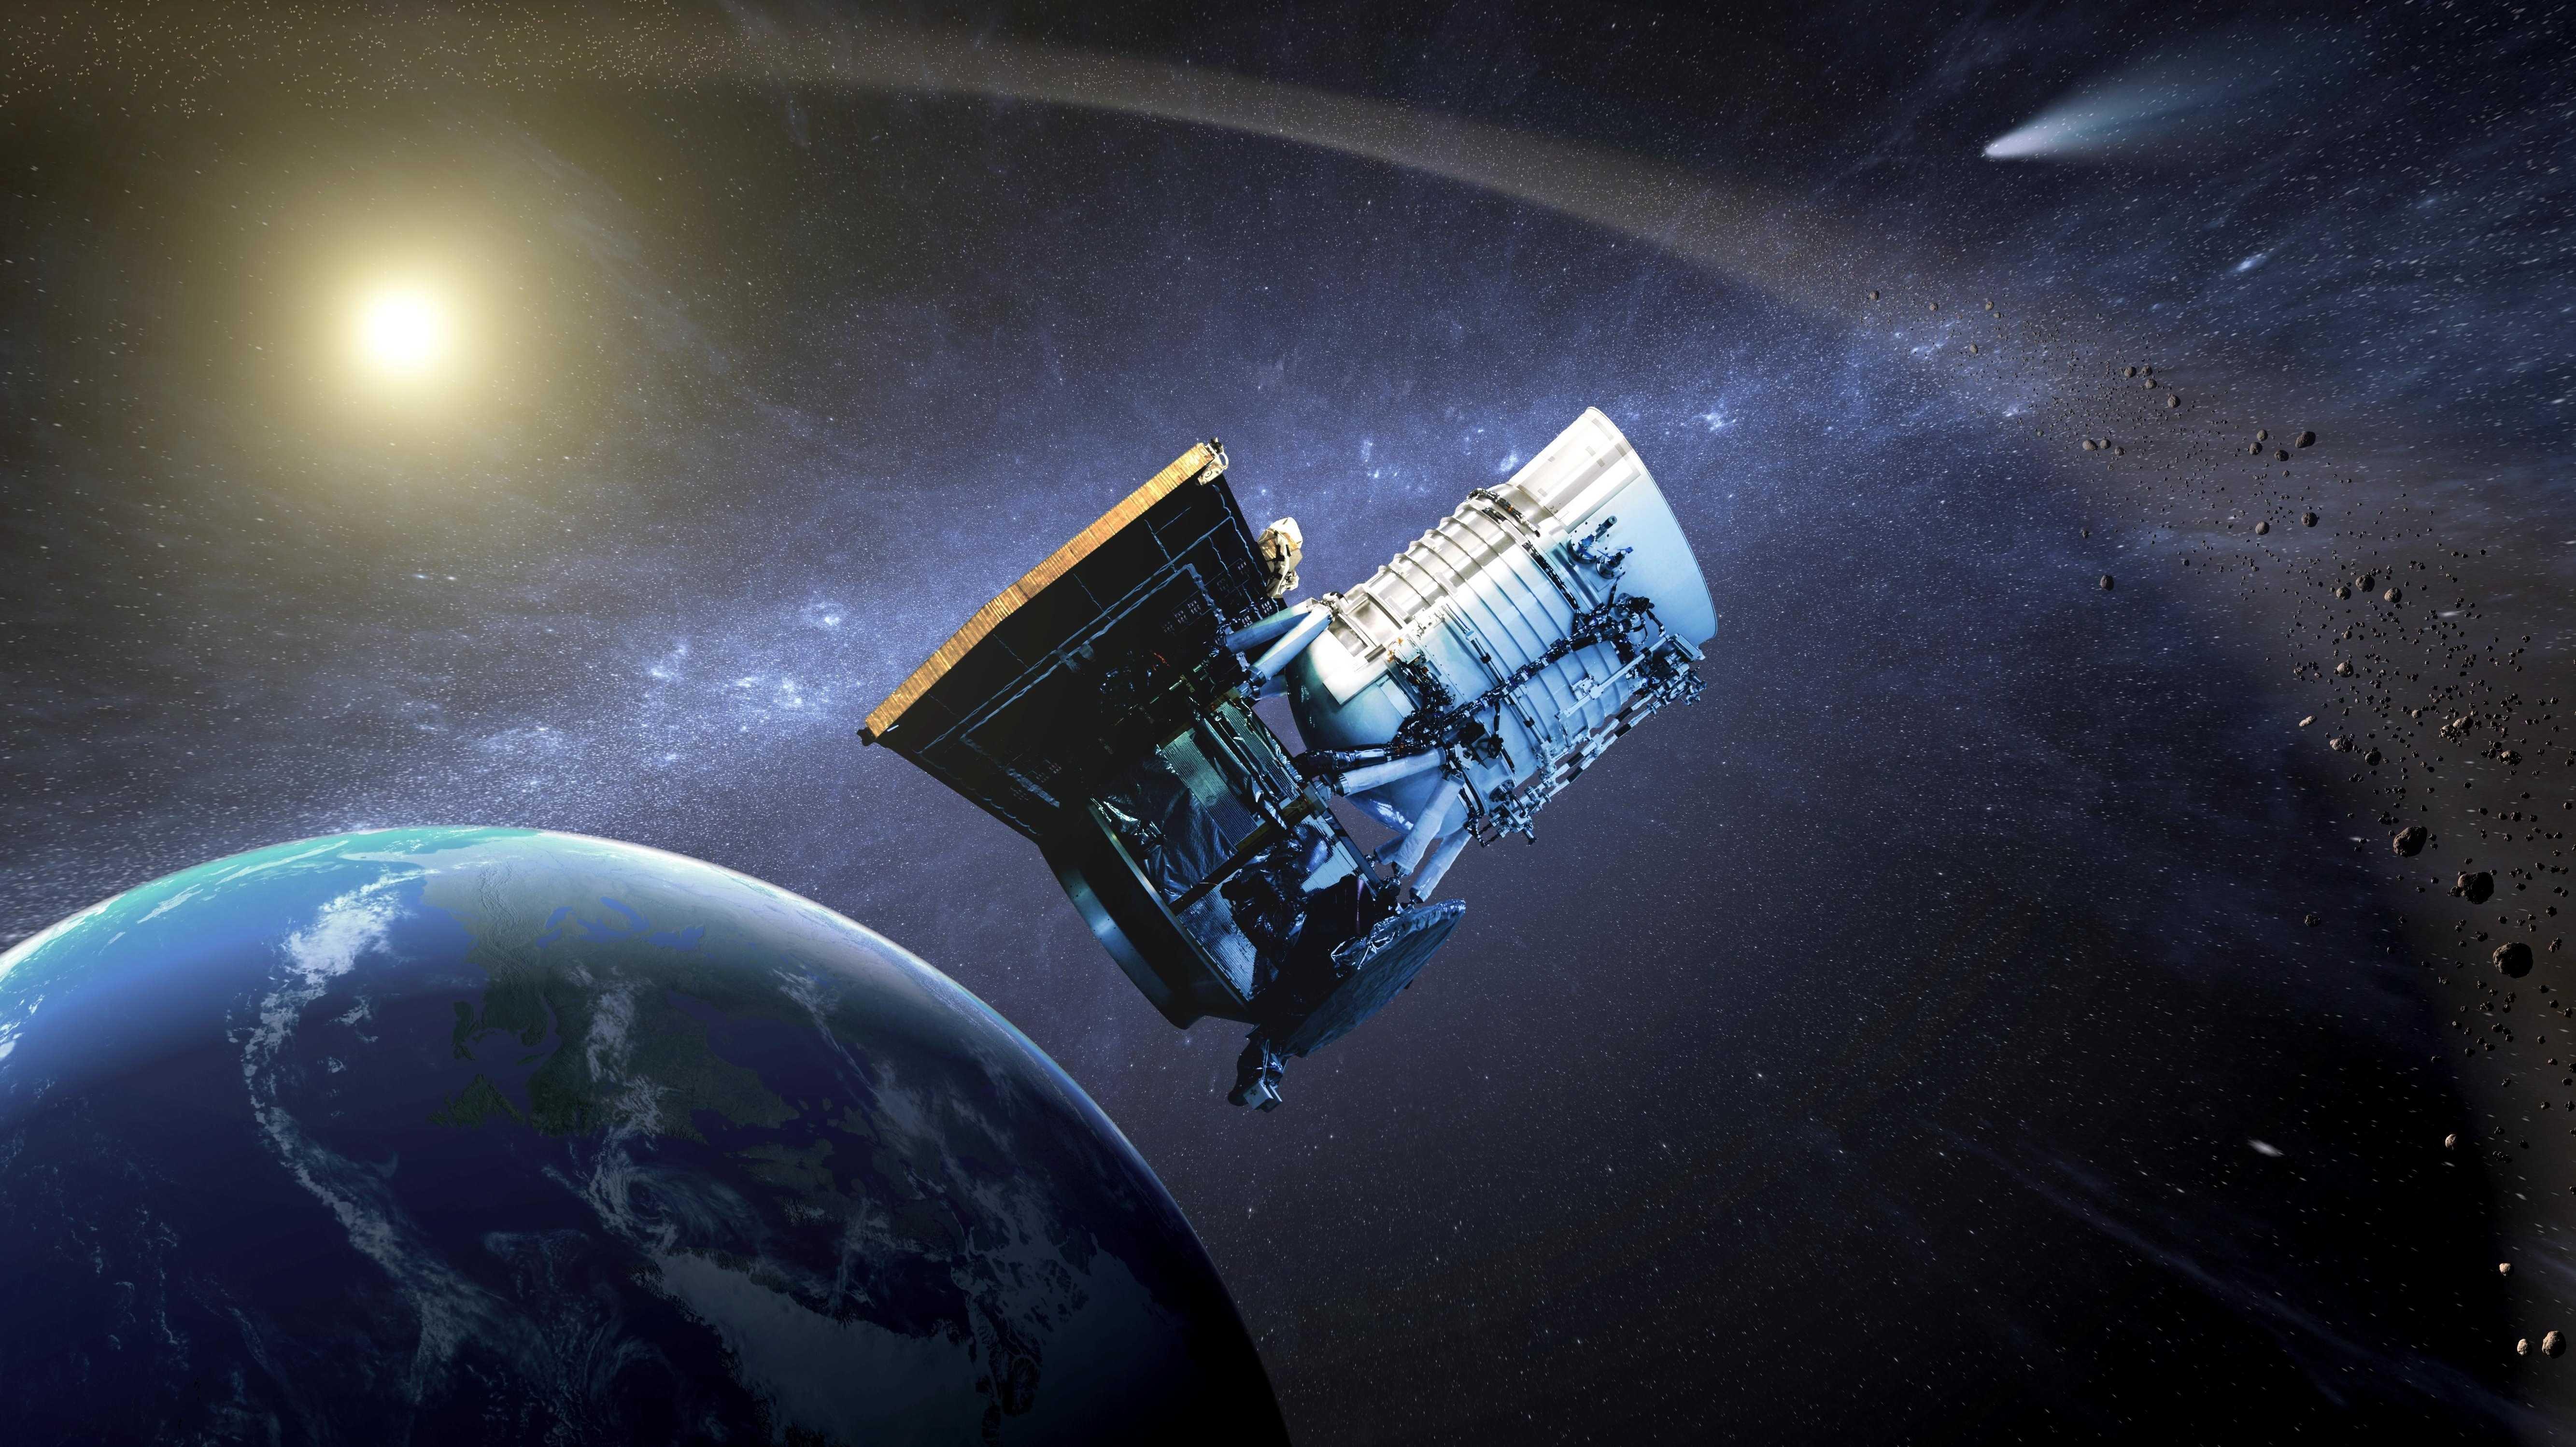 NASA-Teleskop Neowise: Hunderte erdnahe Objekte entdeckt, auch potenziell gefährliche